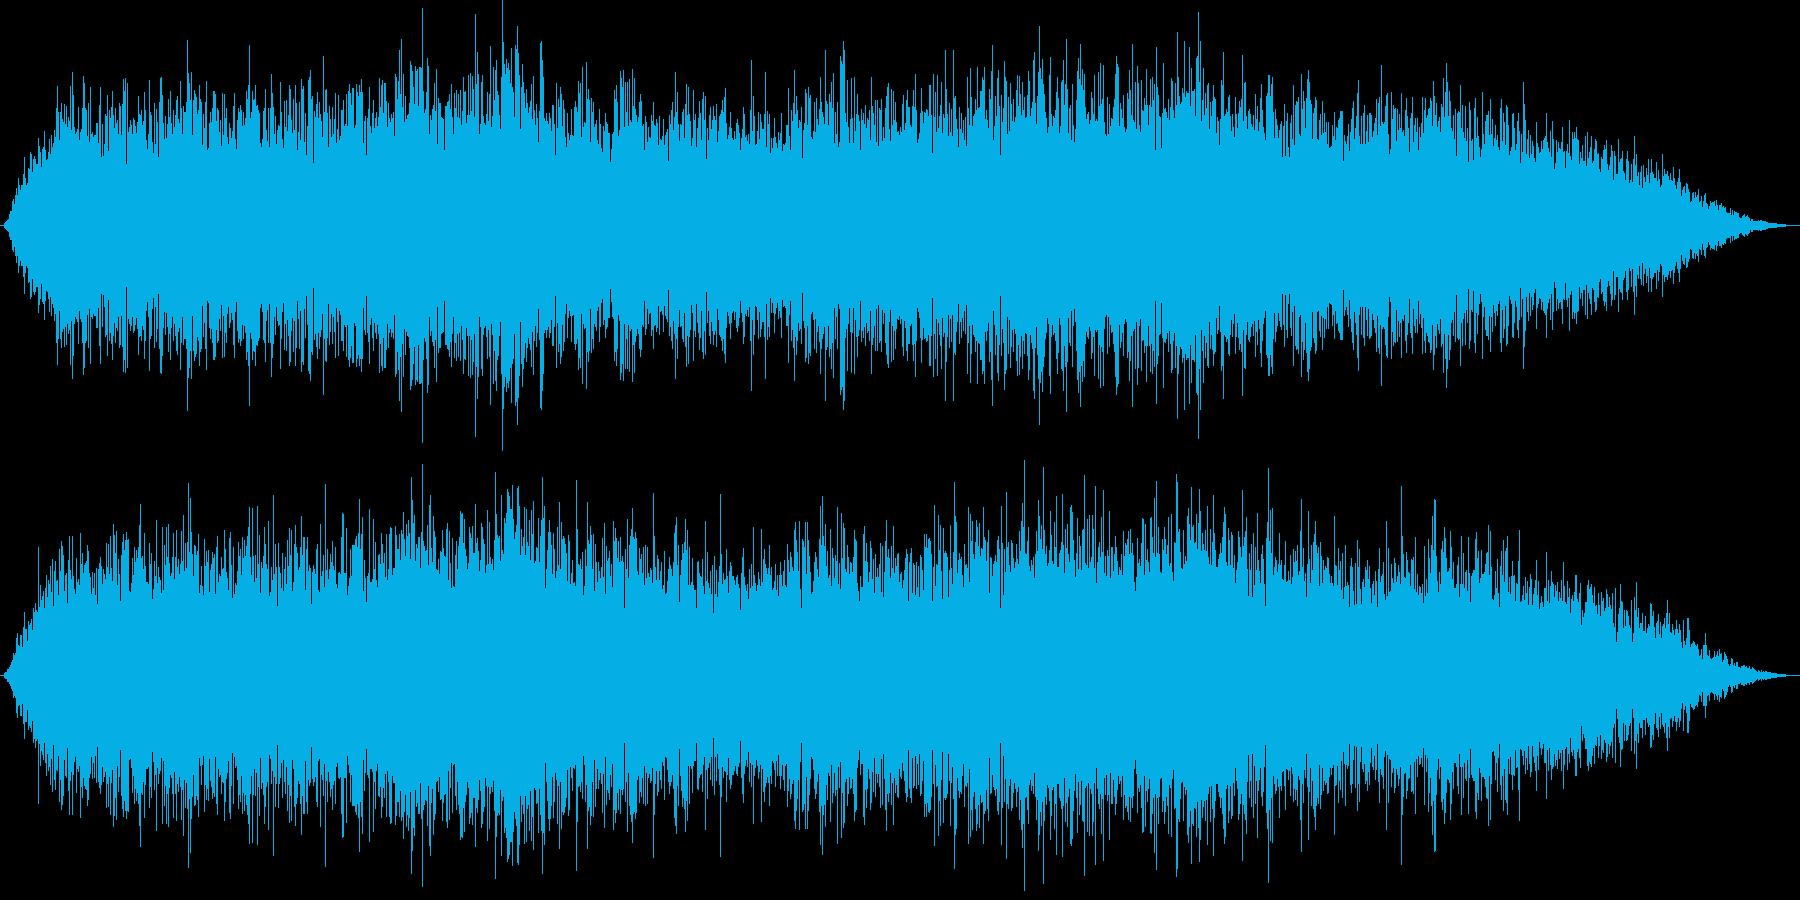 機械音の響く工場の再生済みの波形